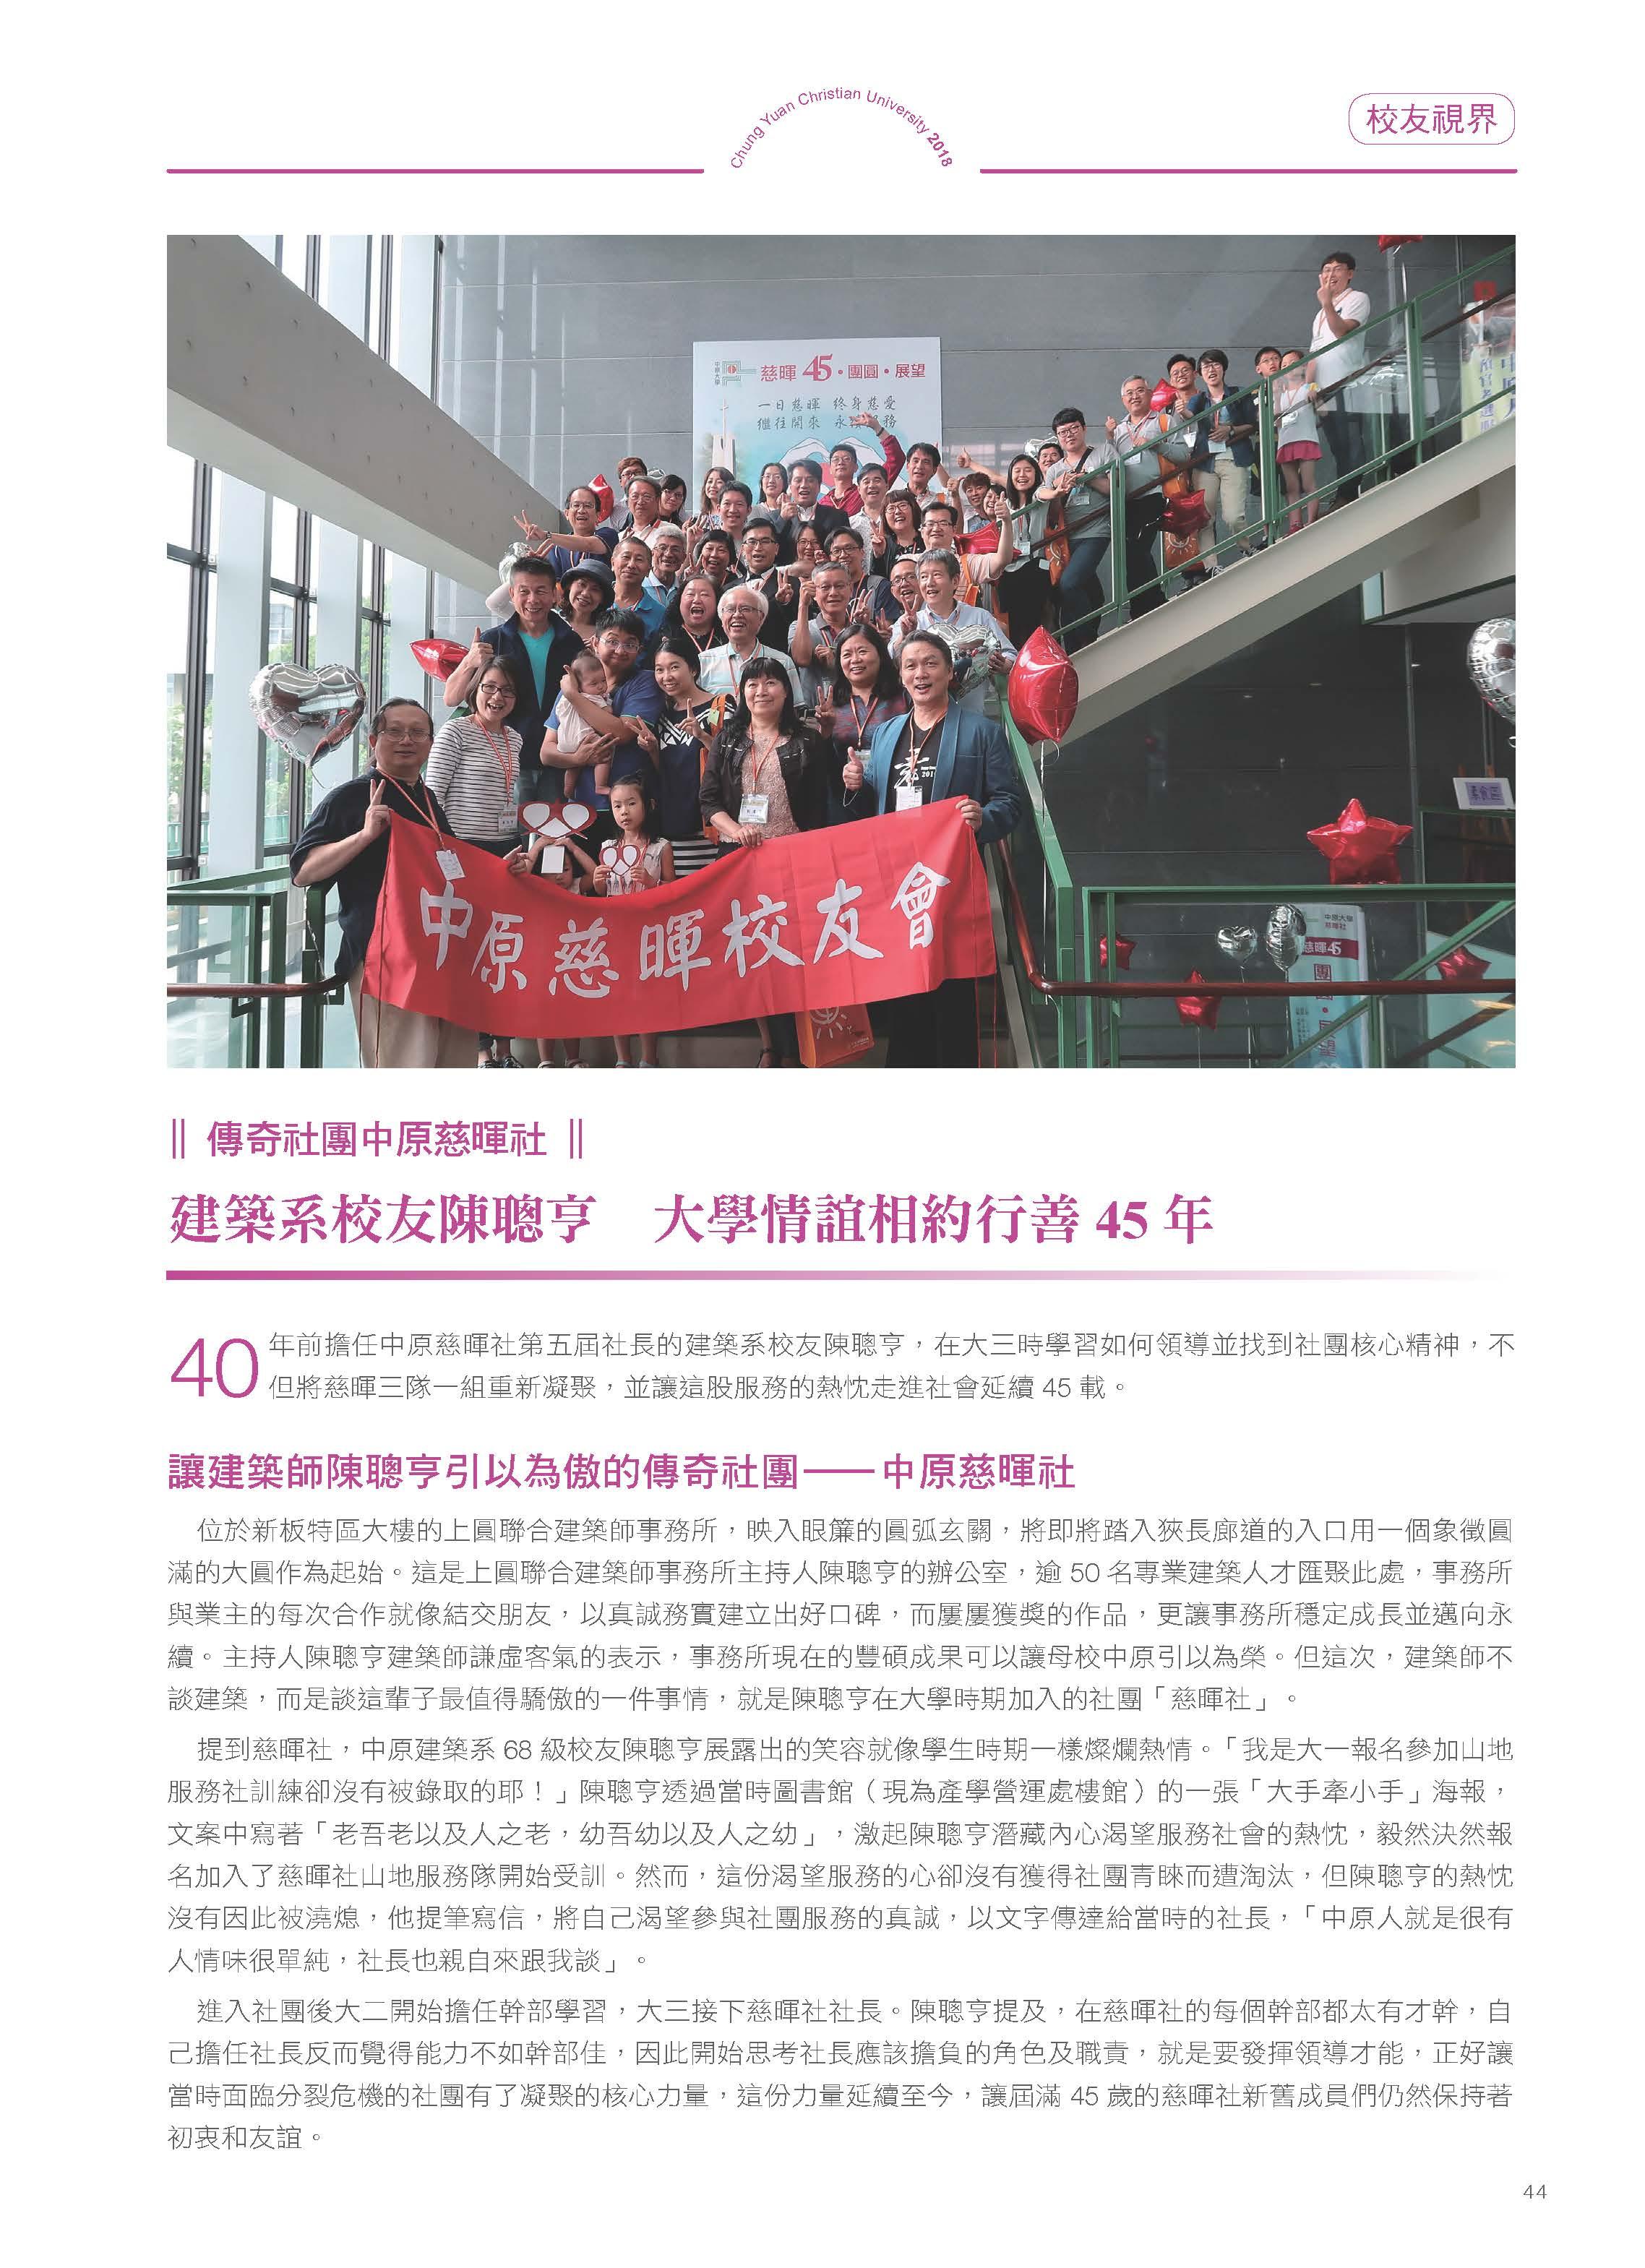 傳奇社團中原慈暉社 建築系校友陳聰亨 大學情誼相約行善45年